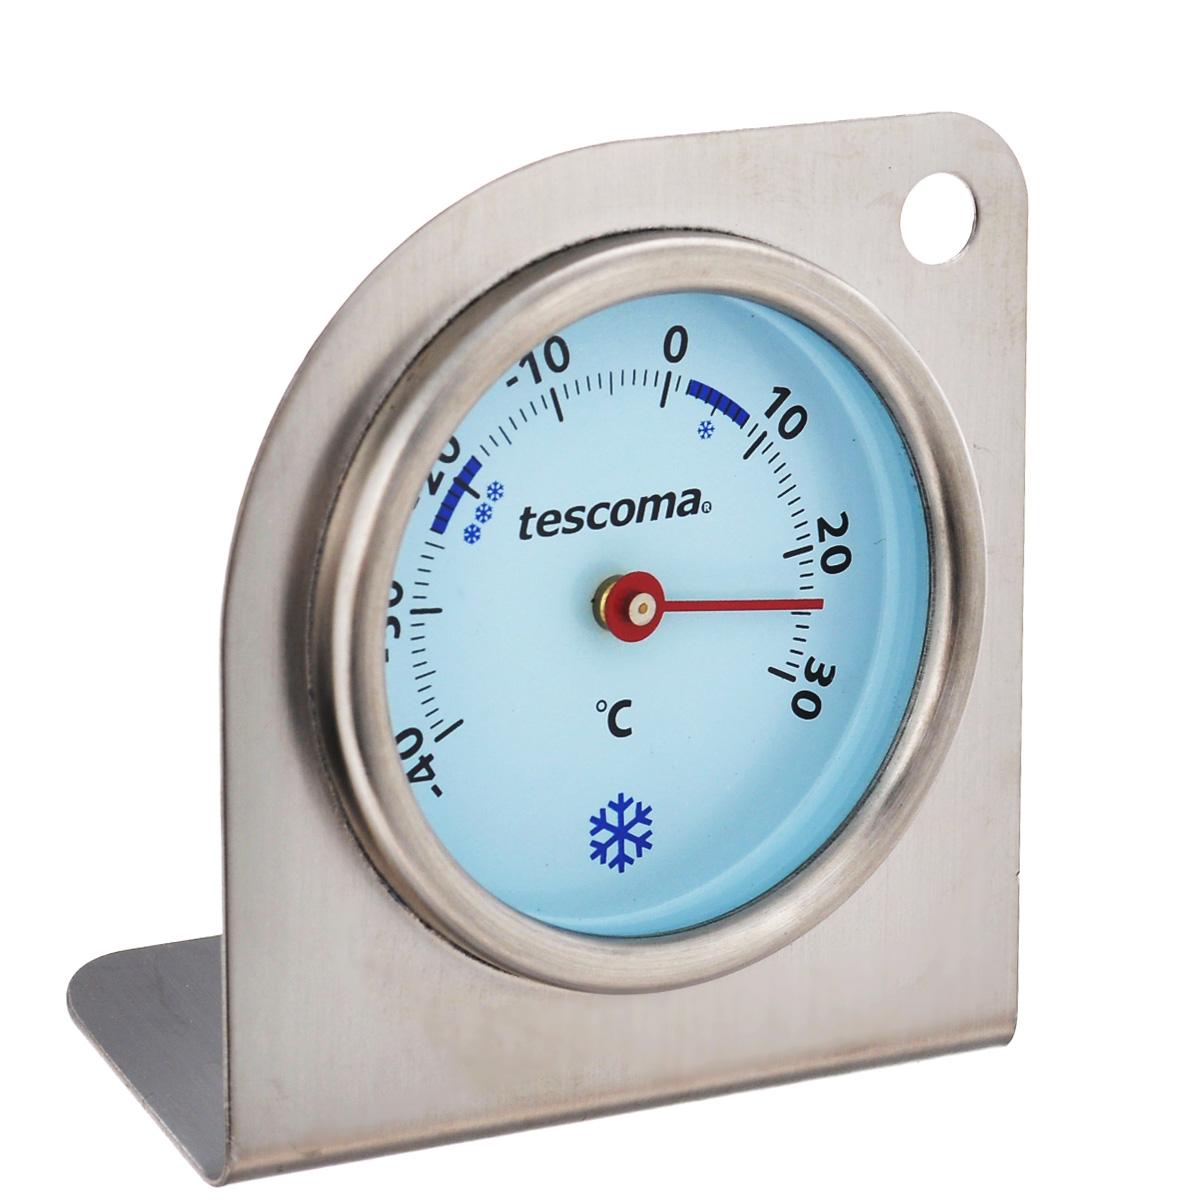 Термометр для холодильника Tescoma Gradius, цвет: серебристый68/5/3Термометр Tescoma Gradius - настоящий помощник для любой хозяйки. Корпус термометра изготовлен из первоклассной нержавеющей стали с акцентом на точность и функциональность. Измеряет температуру внутри холодильника и морозильника от - 40°C до + 30°C. Термометр для холодильника Gradius идеален для контроля за правильным хранением блюд в домашнем хозяйстве и гастрономических заведениях. Он помогает точно хранить продукты в холодильниках и морозильниках при необходимой температуре.